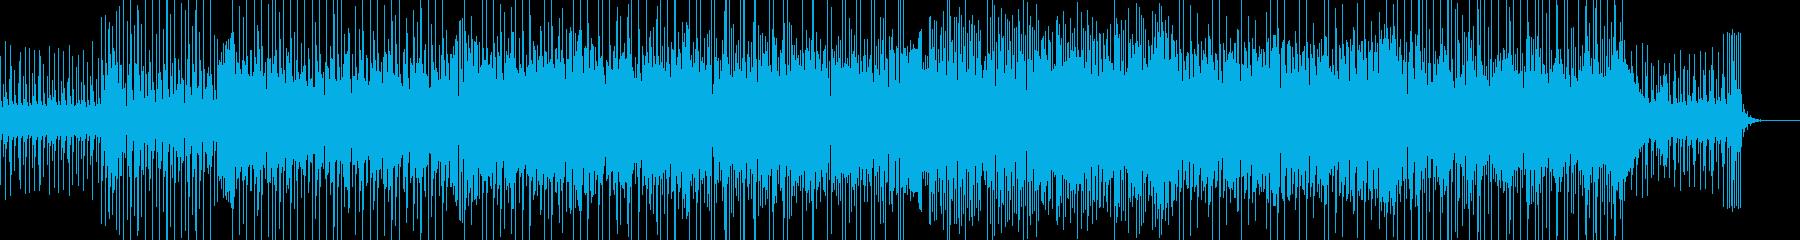 ほのぼのするリズムとメロディが印象的な曲の再生済みの波形